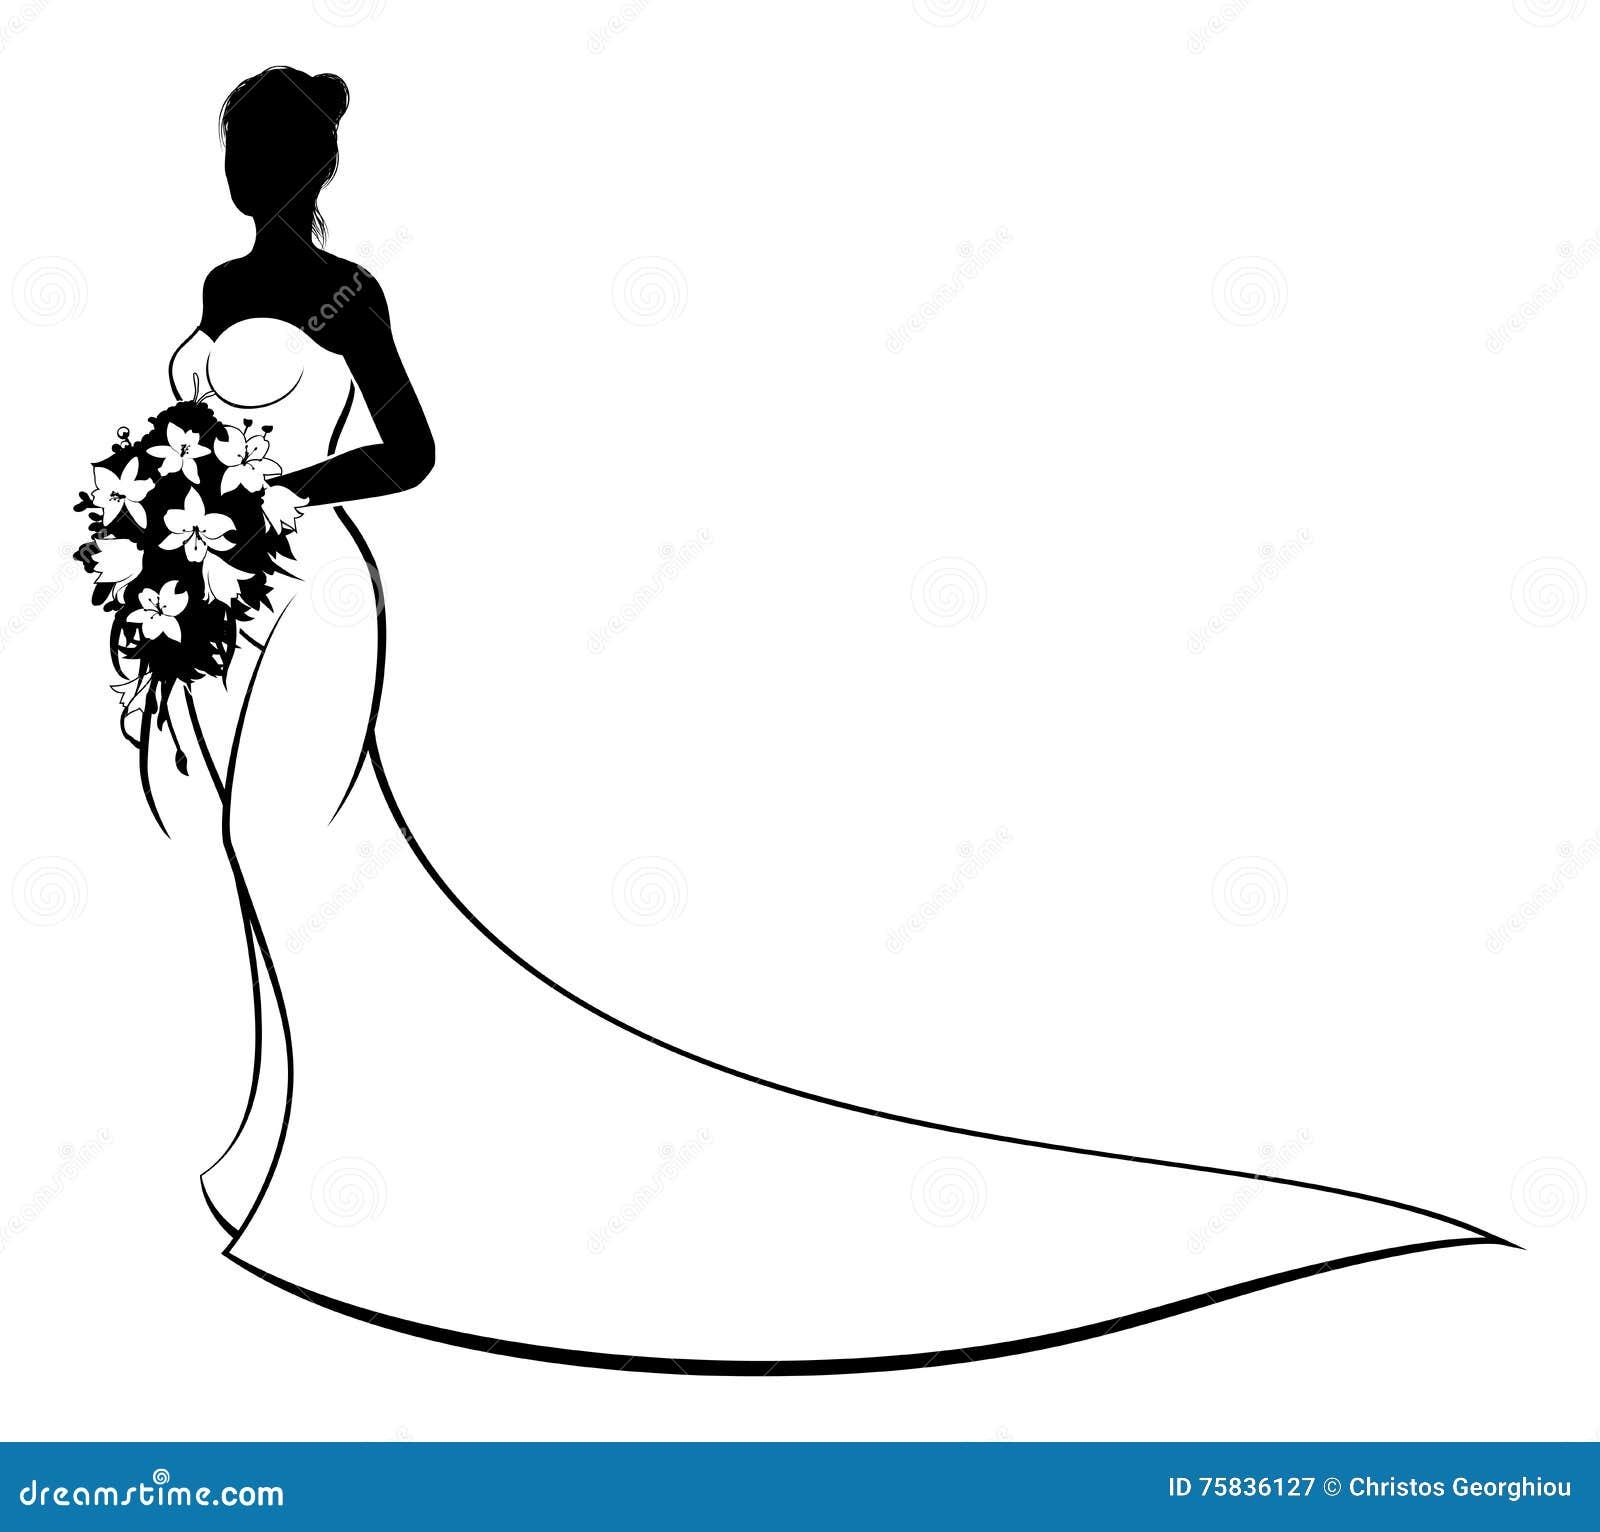 Flowers Clip Art Wedding Dress